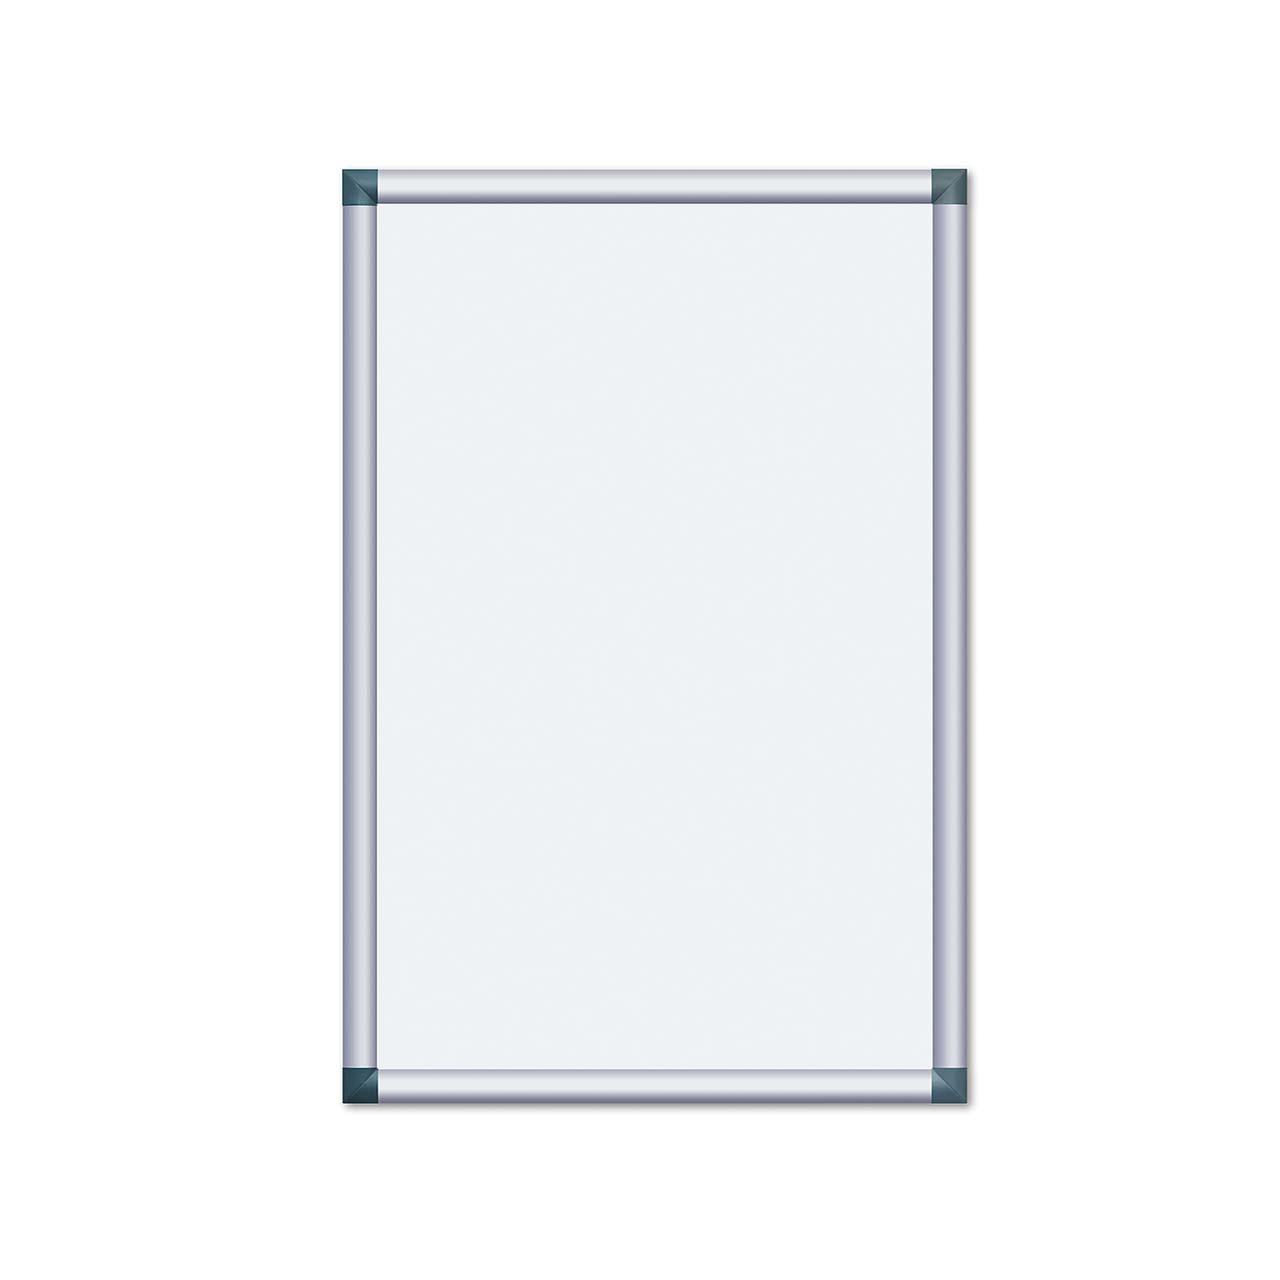 Alu-Plakatrahmen mit kantigen Ecken, 700 x 1000 mm (DIN B1 ...